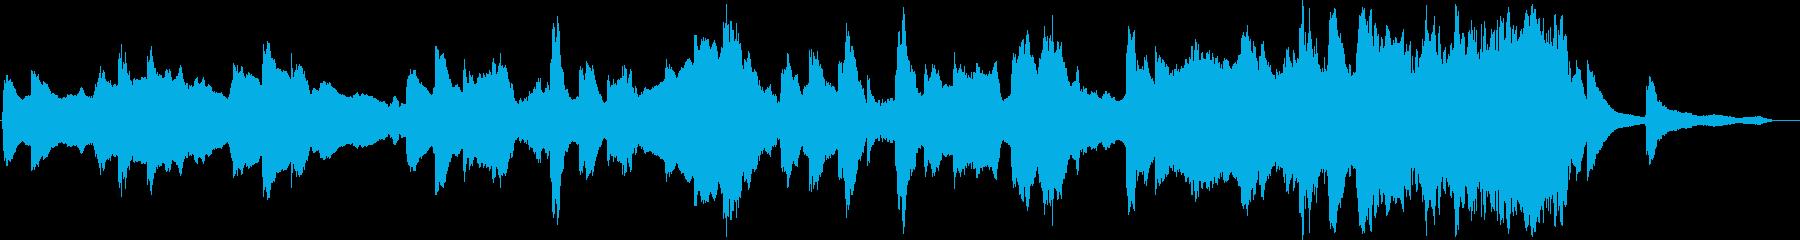 これは、クジラの音を使用して作成さ...の再生済みの波形